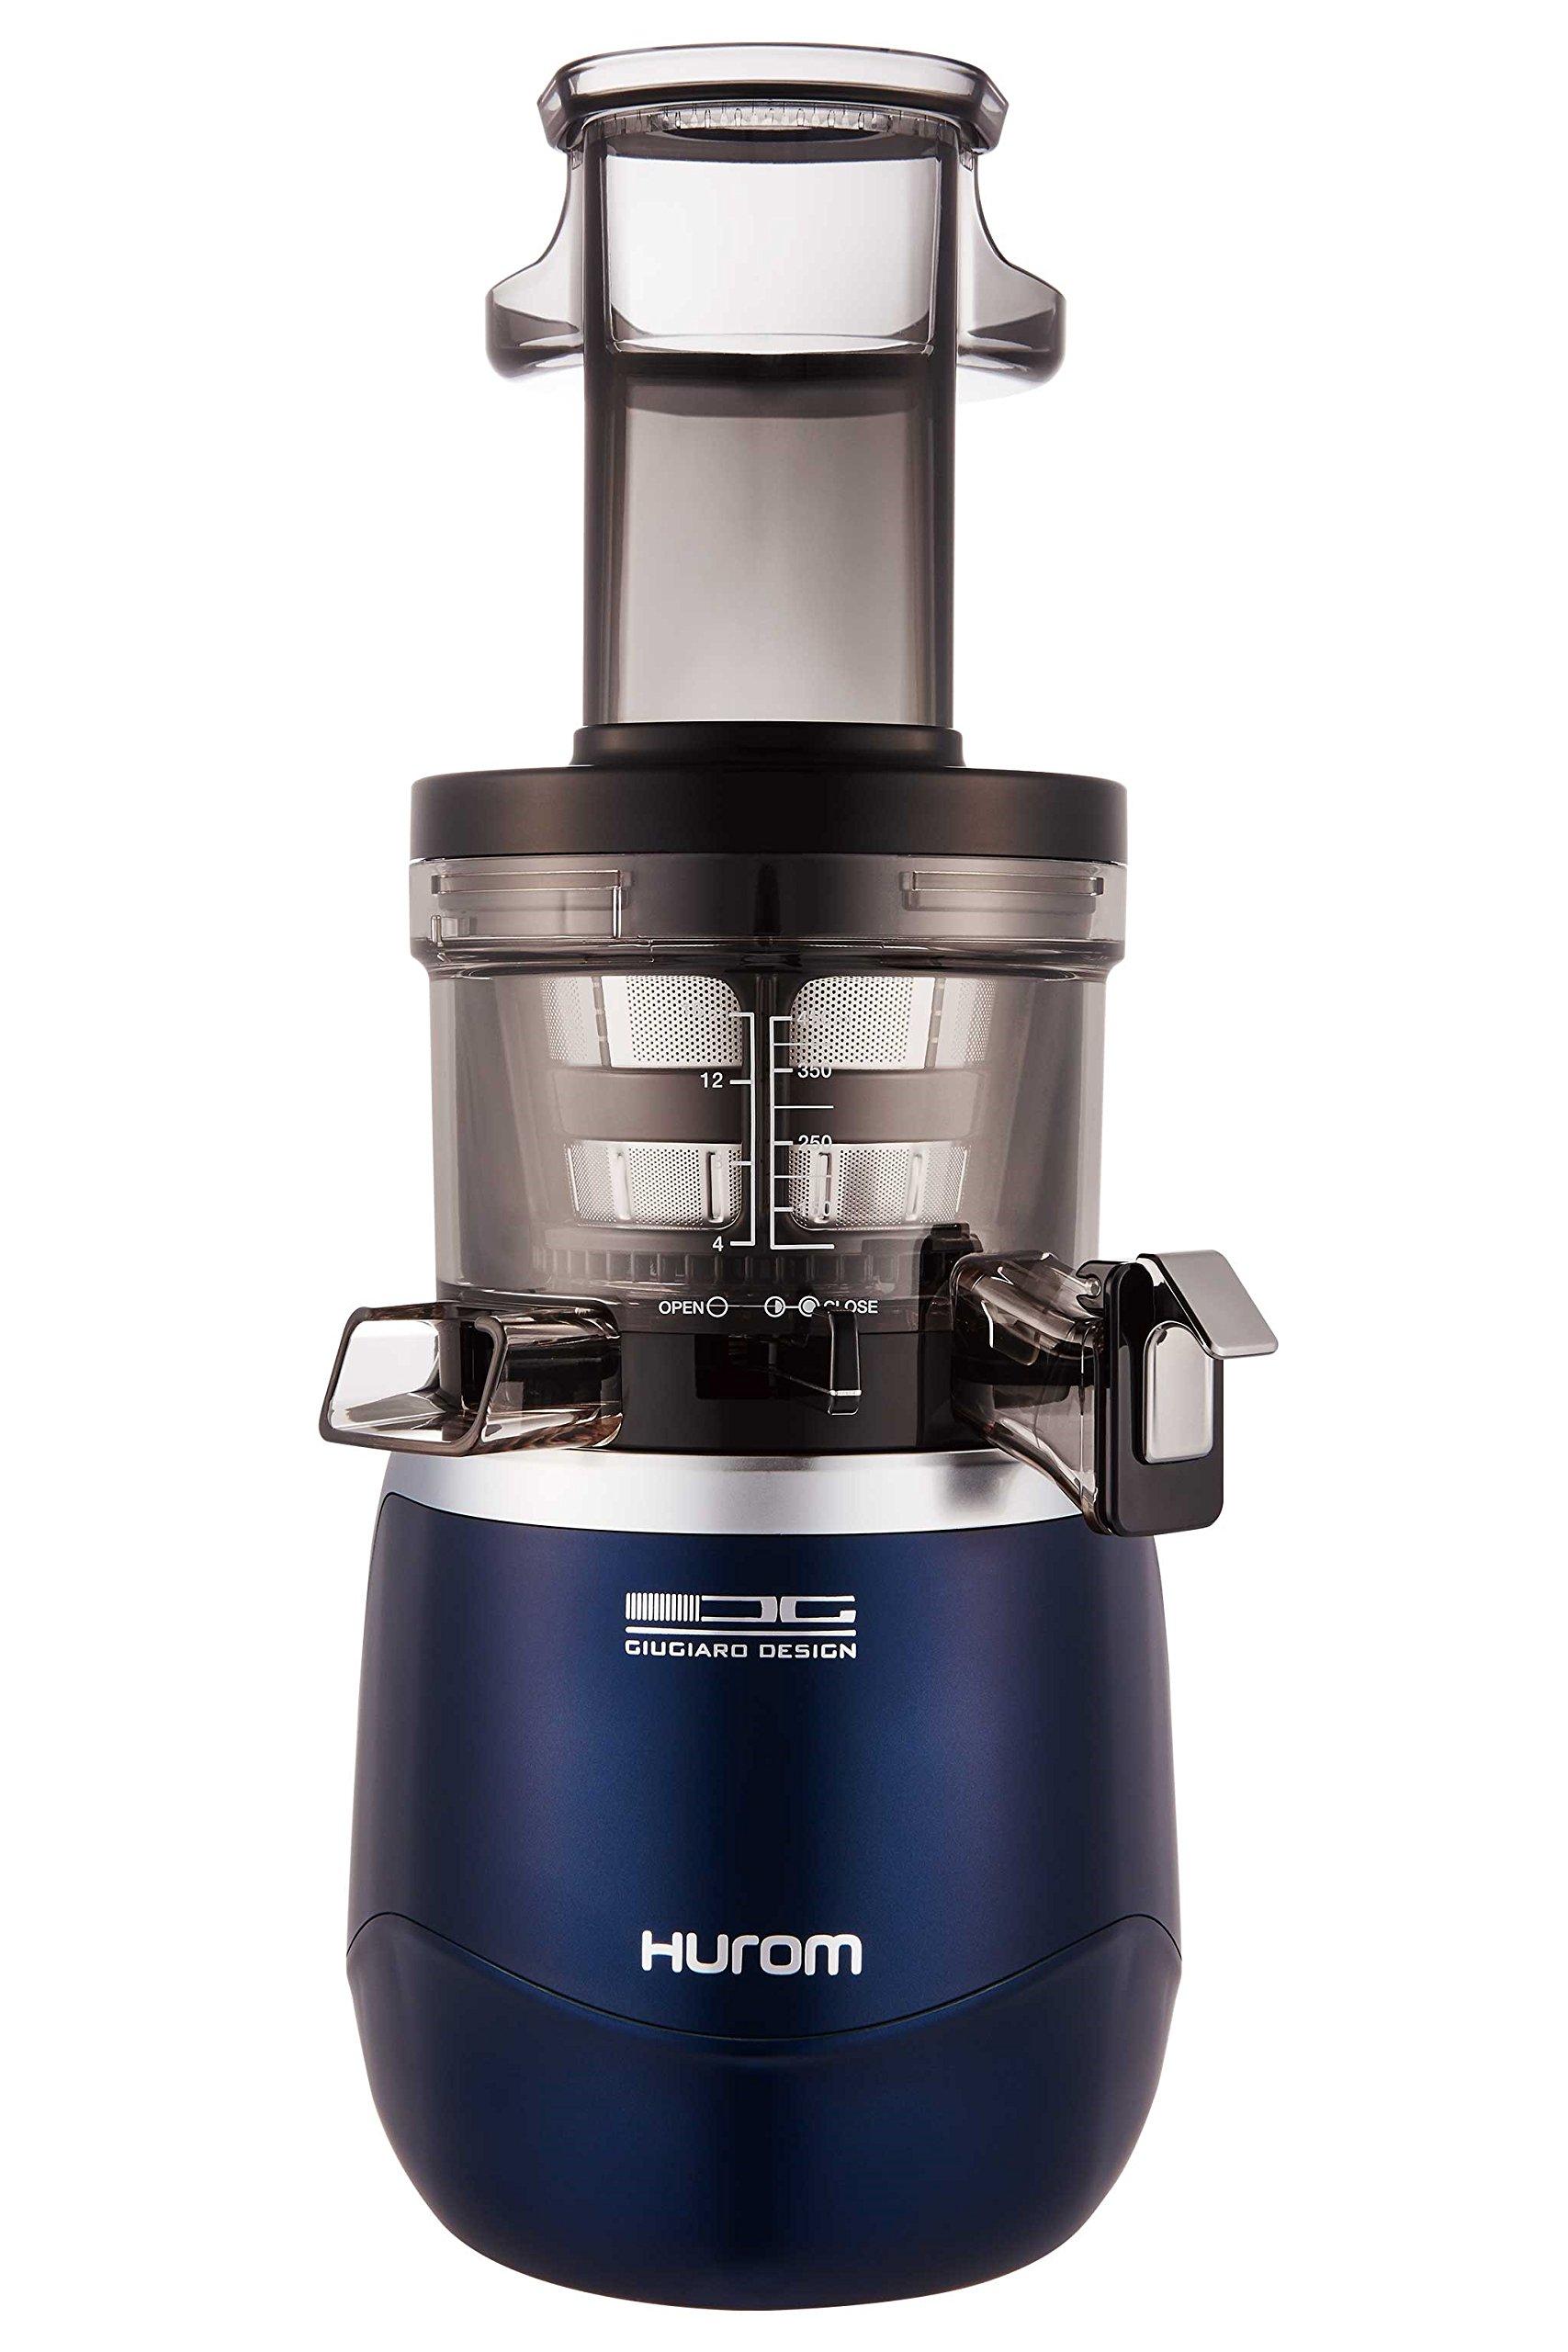 Hurom H-AE Slow Juicer, Dark Navy by Hurom